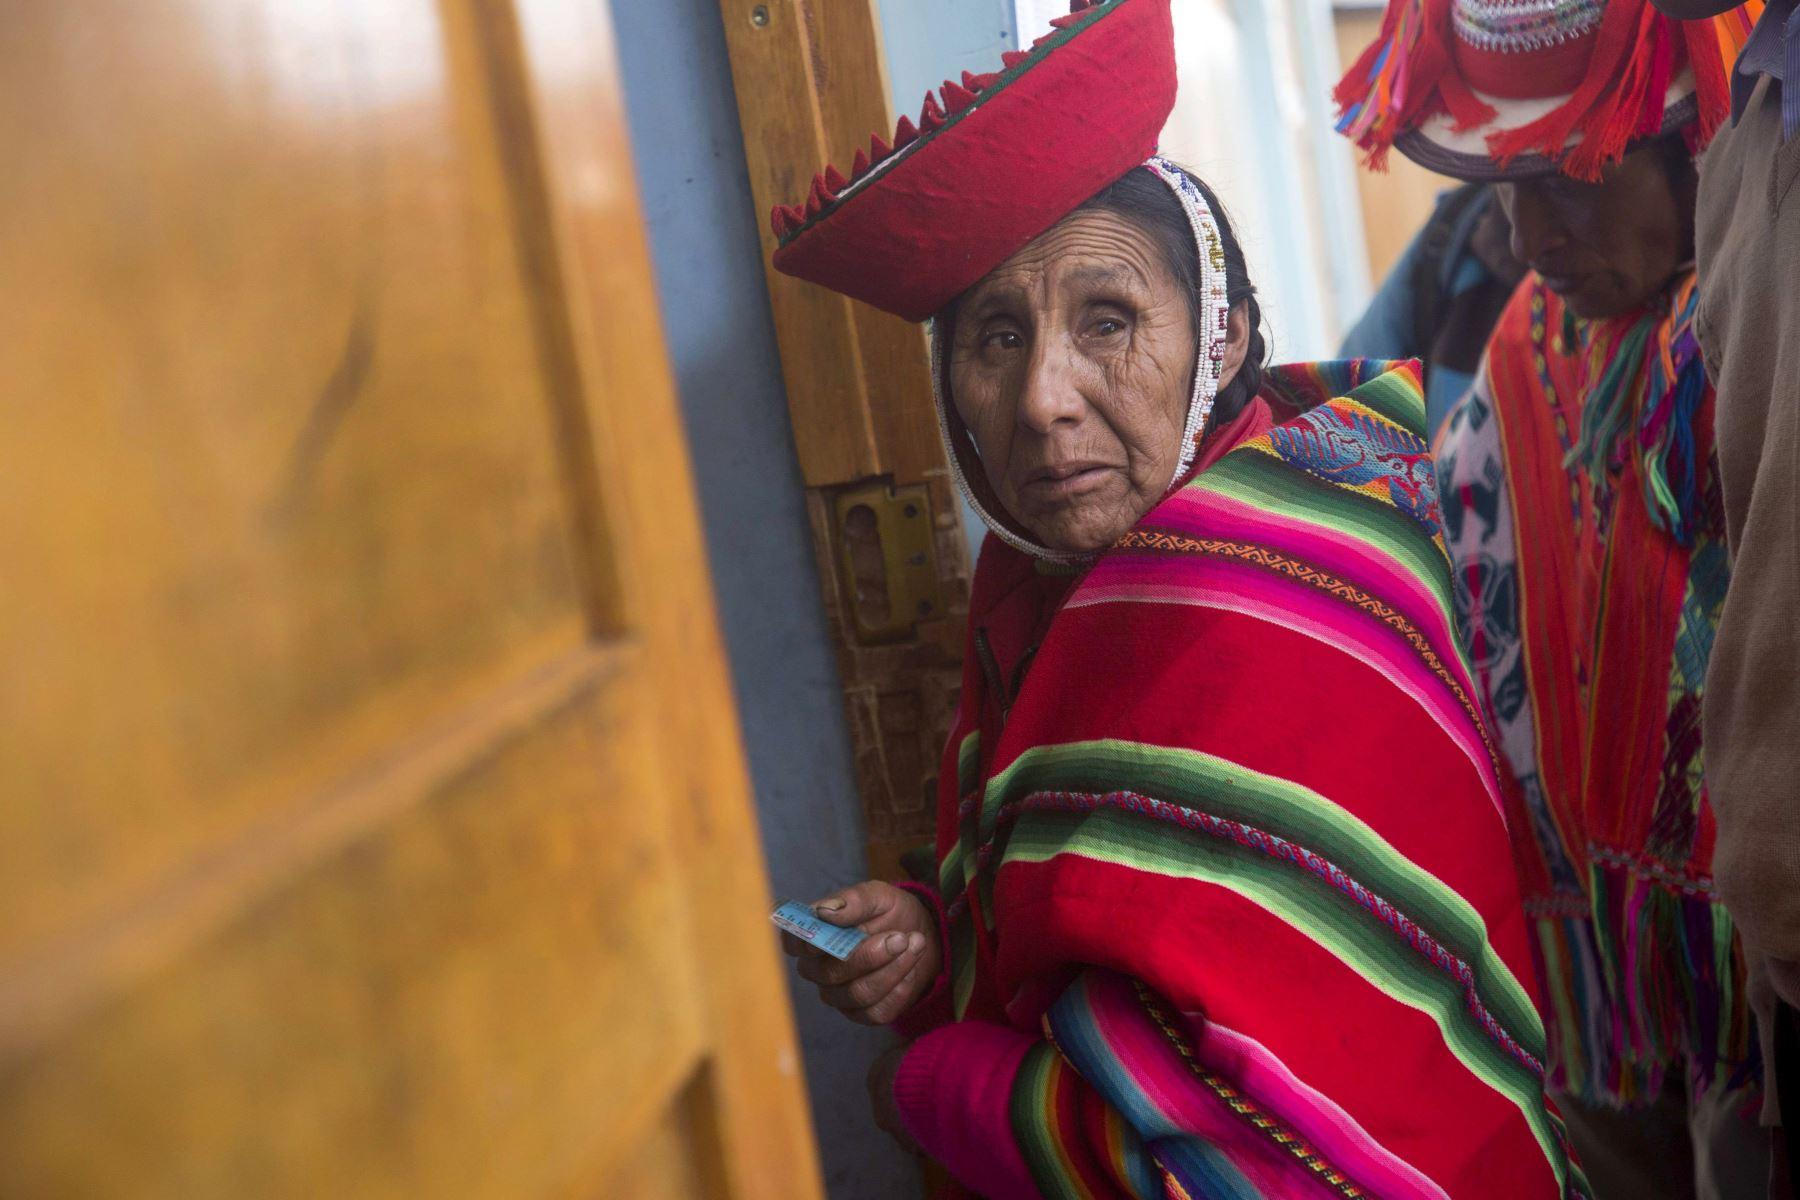 Una mujer de la comunidad campesina Quelccanqa llega a votar al centro de votación en el departamento del Cuzco (Perú), donde se realizaron  elecciones extraordinarias al Congreso. Foto: EFE